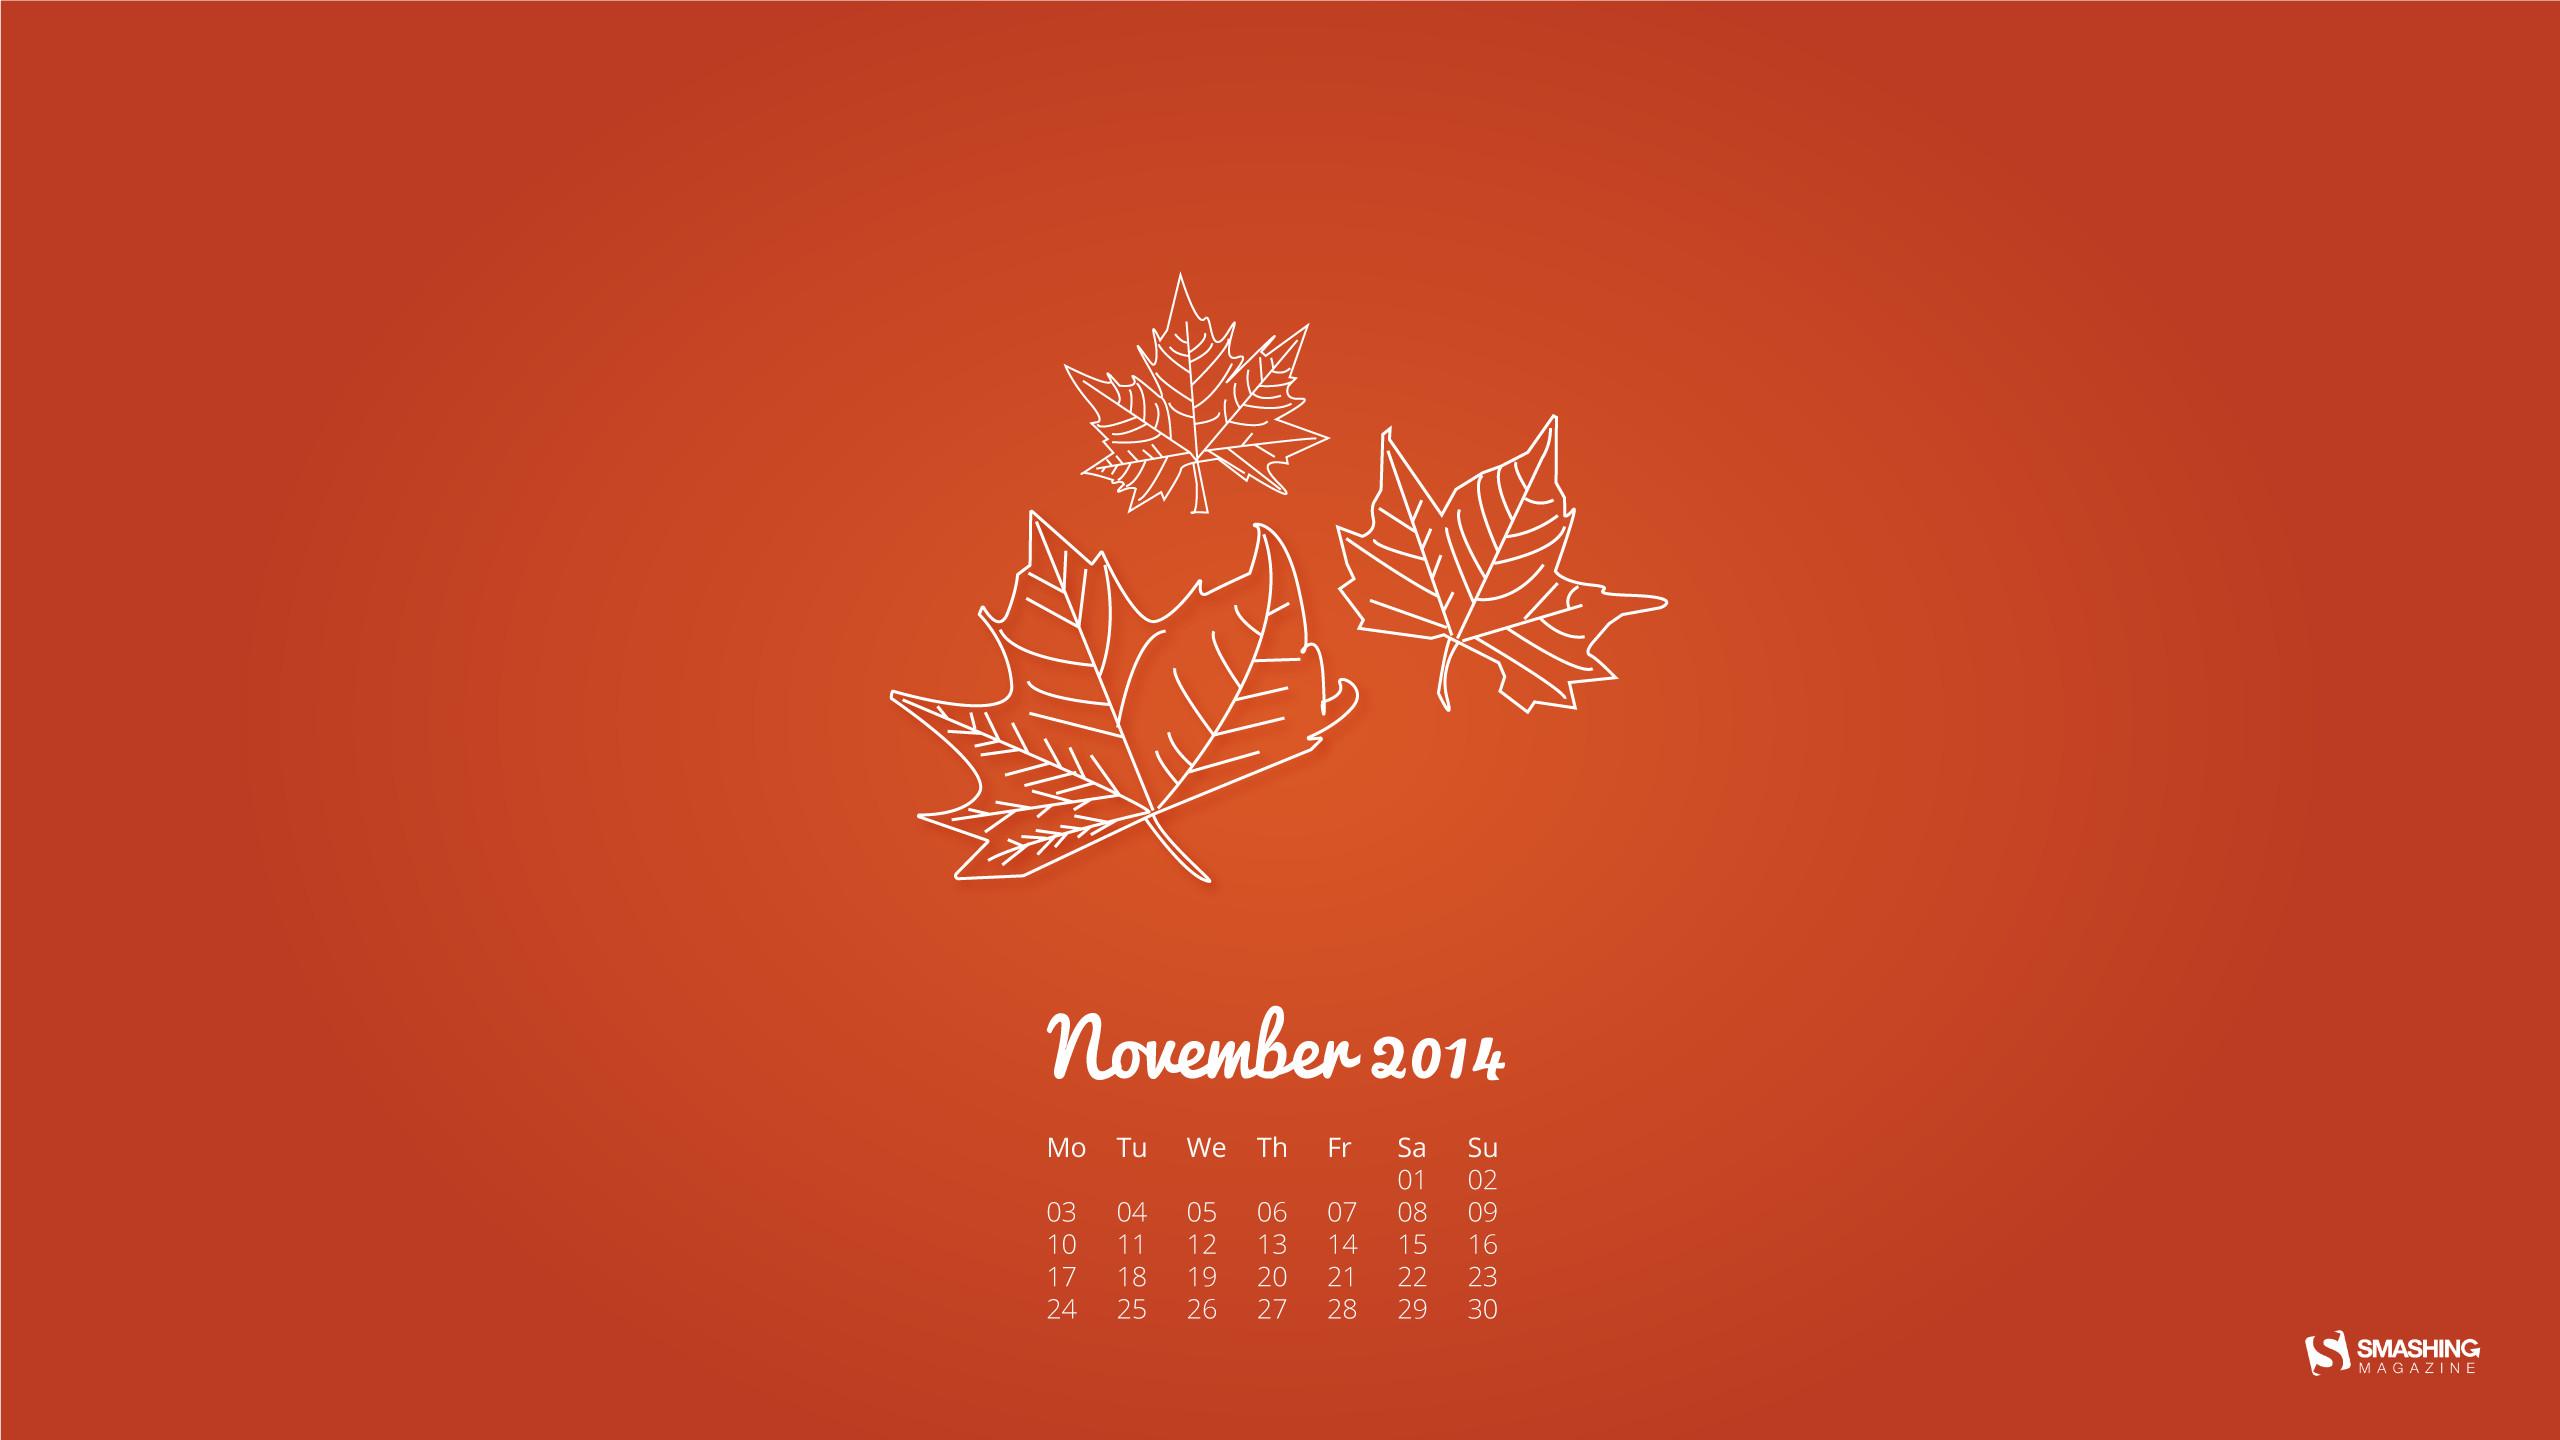 Calendar Wallpaper For : Wallpaper calendars for  images